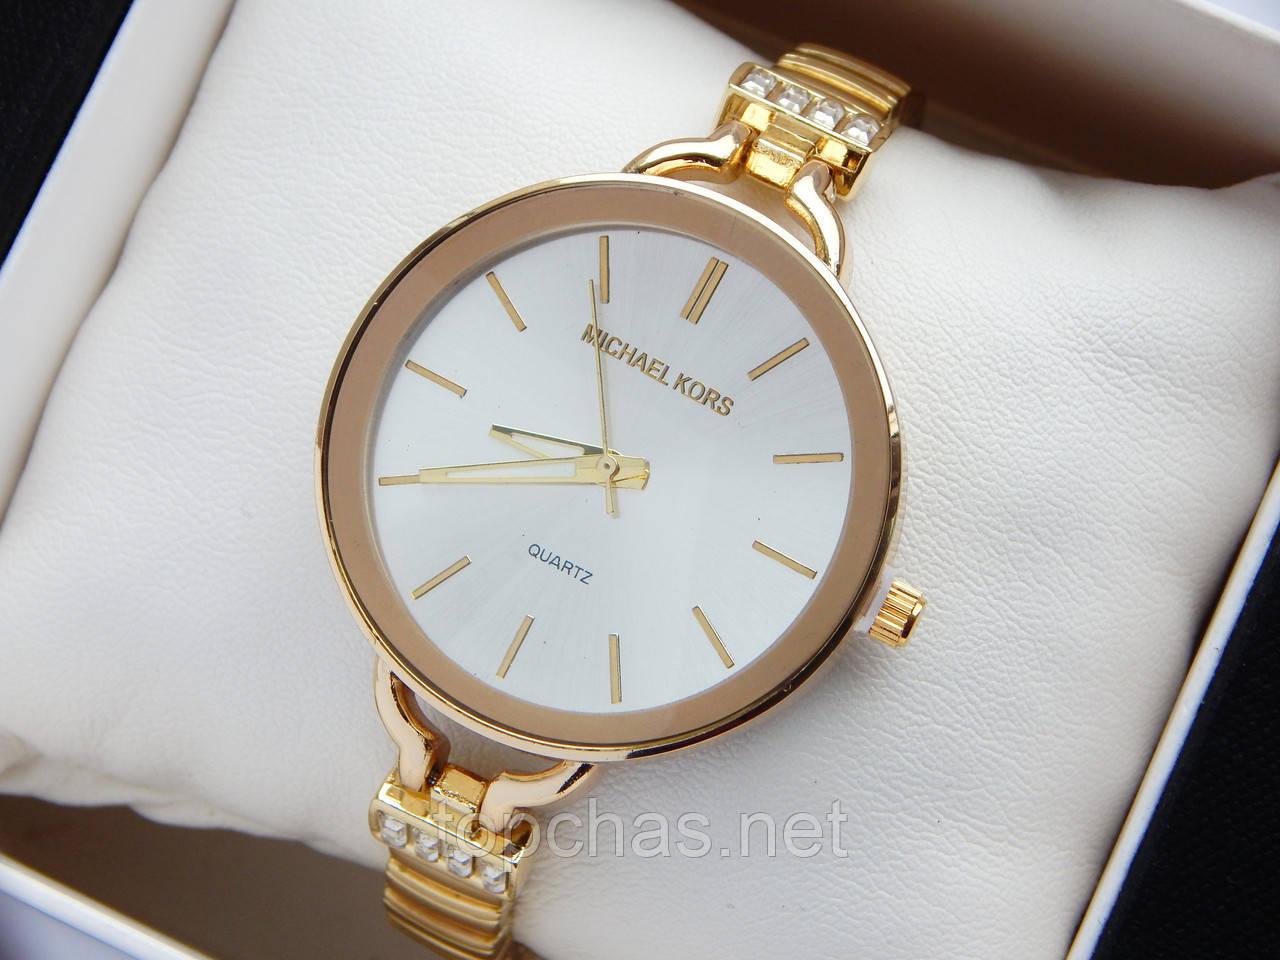 8af7a97c Женские кварцевые наручные часы Michael Kors золотого цвета, серебристым  циферблатом, на тонком браслете